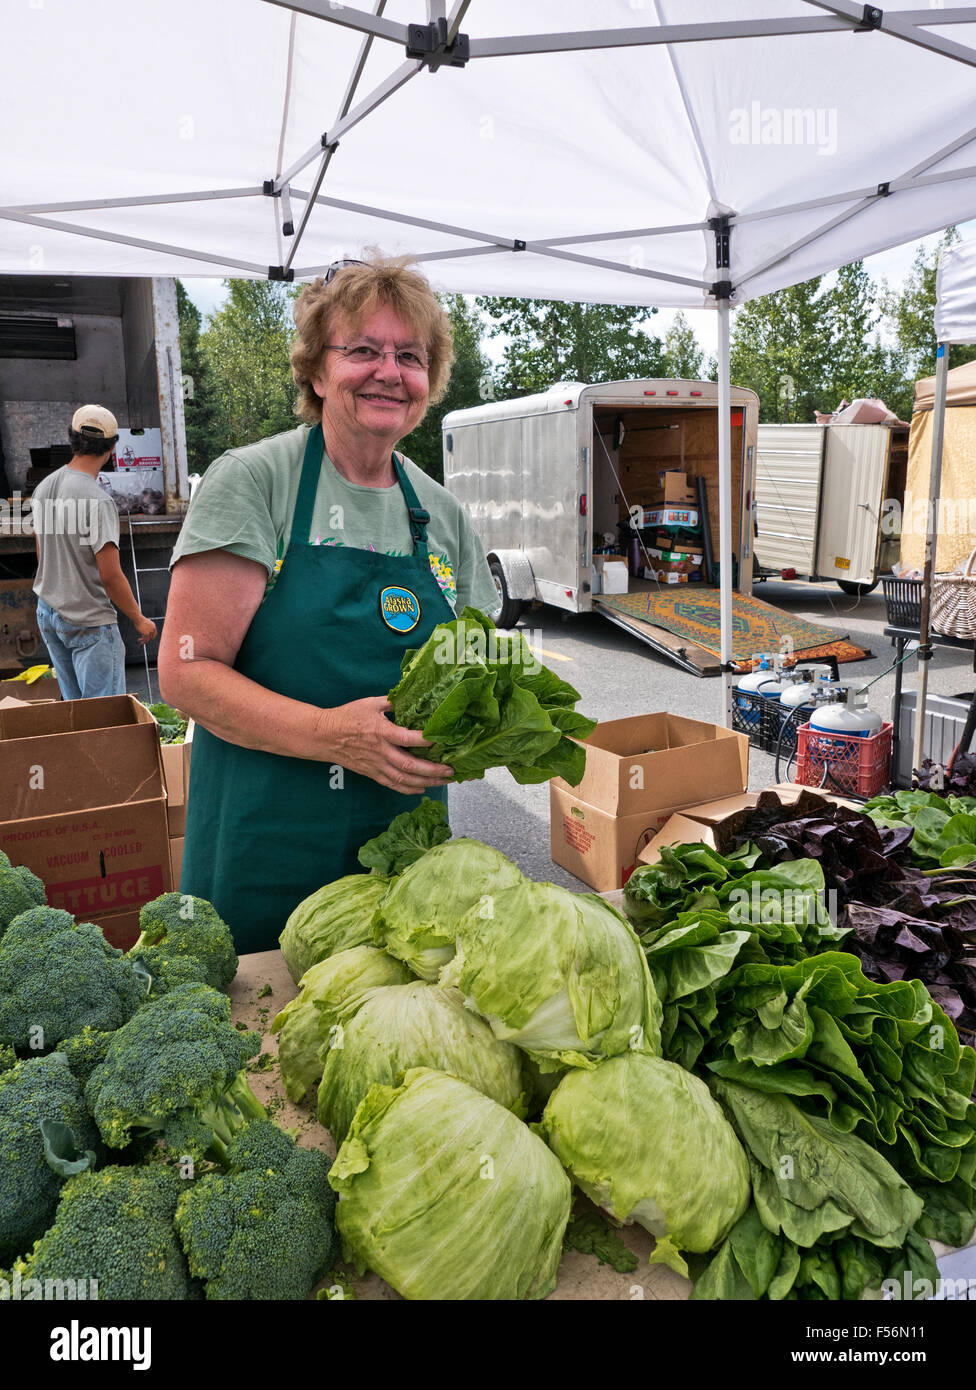 Vendor arranging vegetables at Anchorage Farmer's Market. - Stock Image